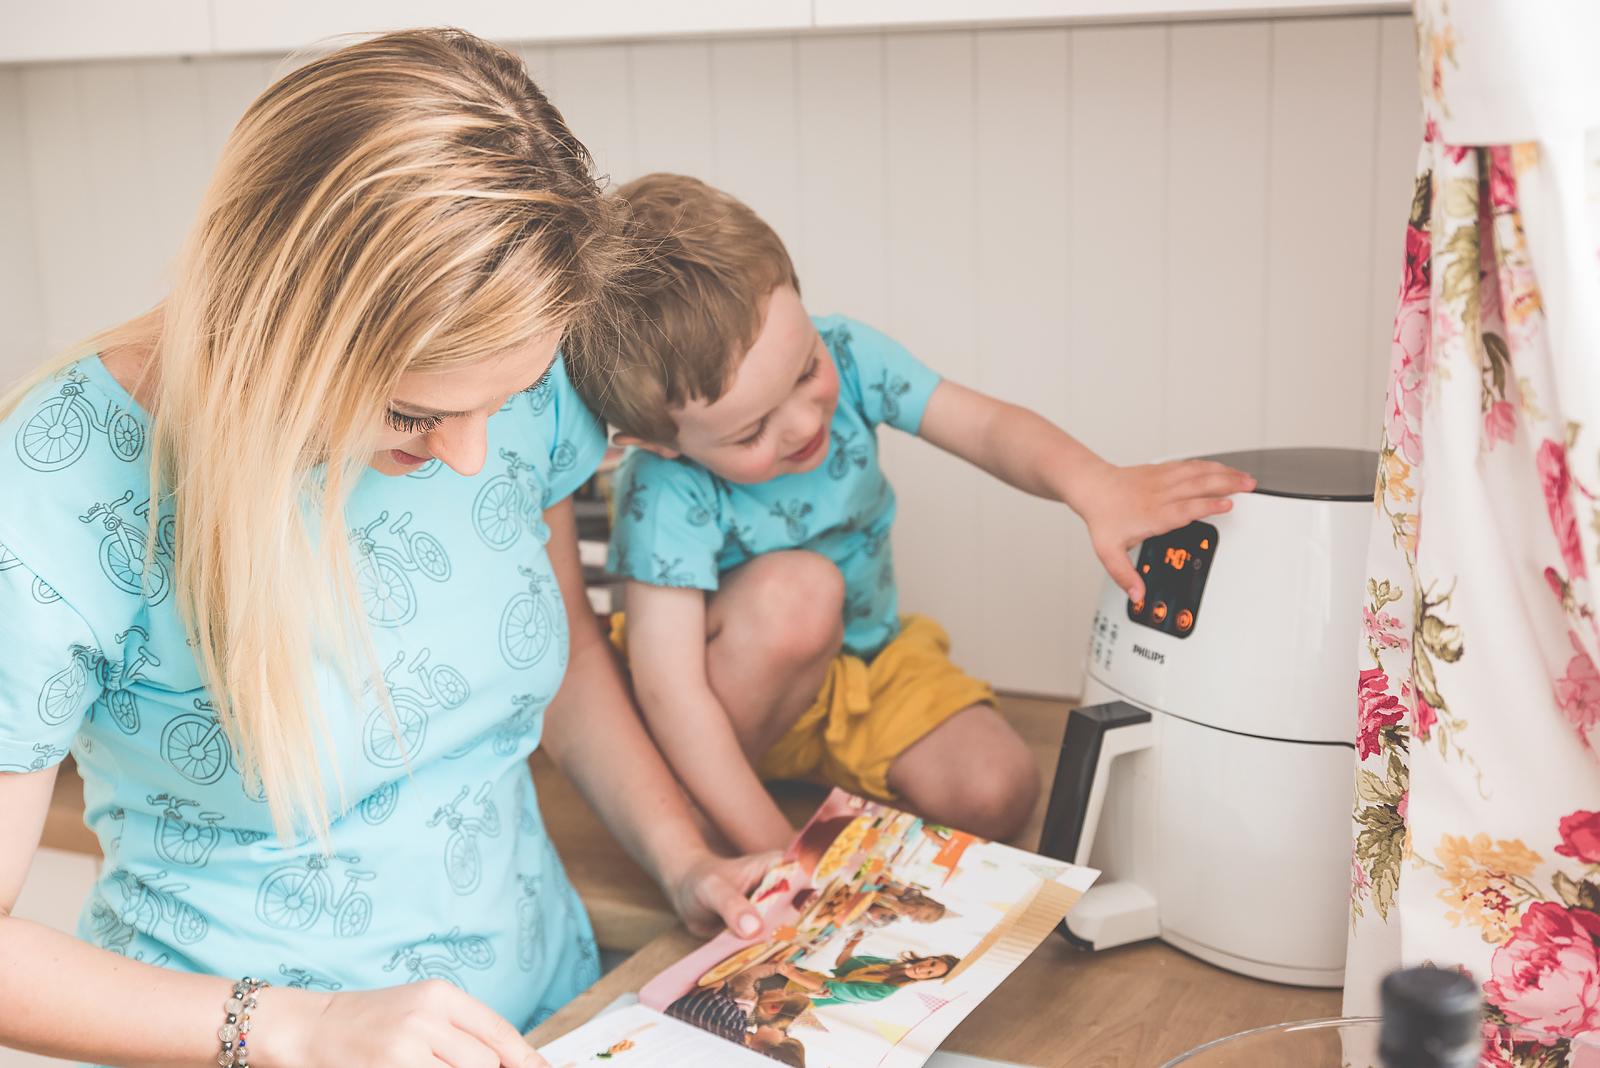 Philips Airfryer Przepisy Test Bakusiowo Domowe Frytki KFC w domu00011